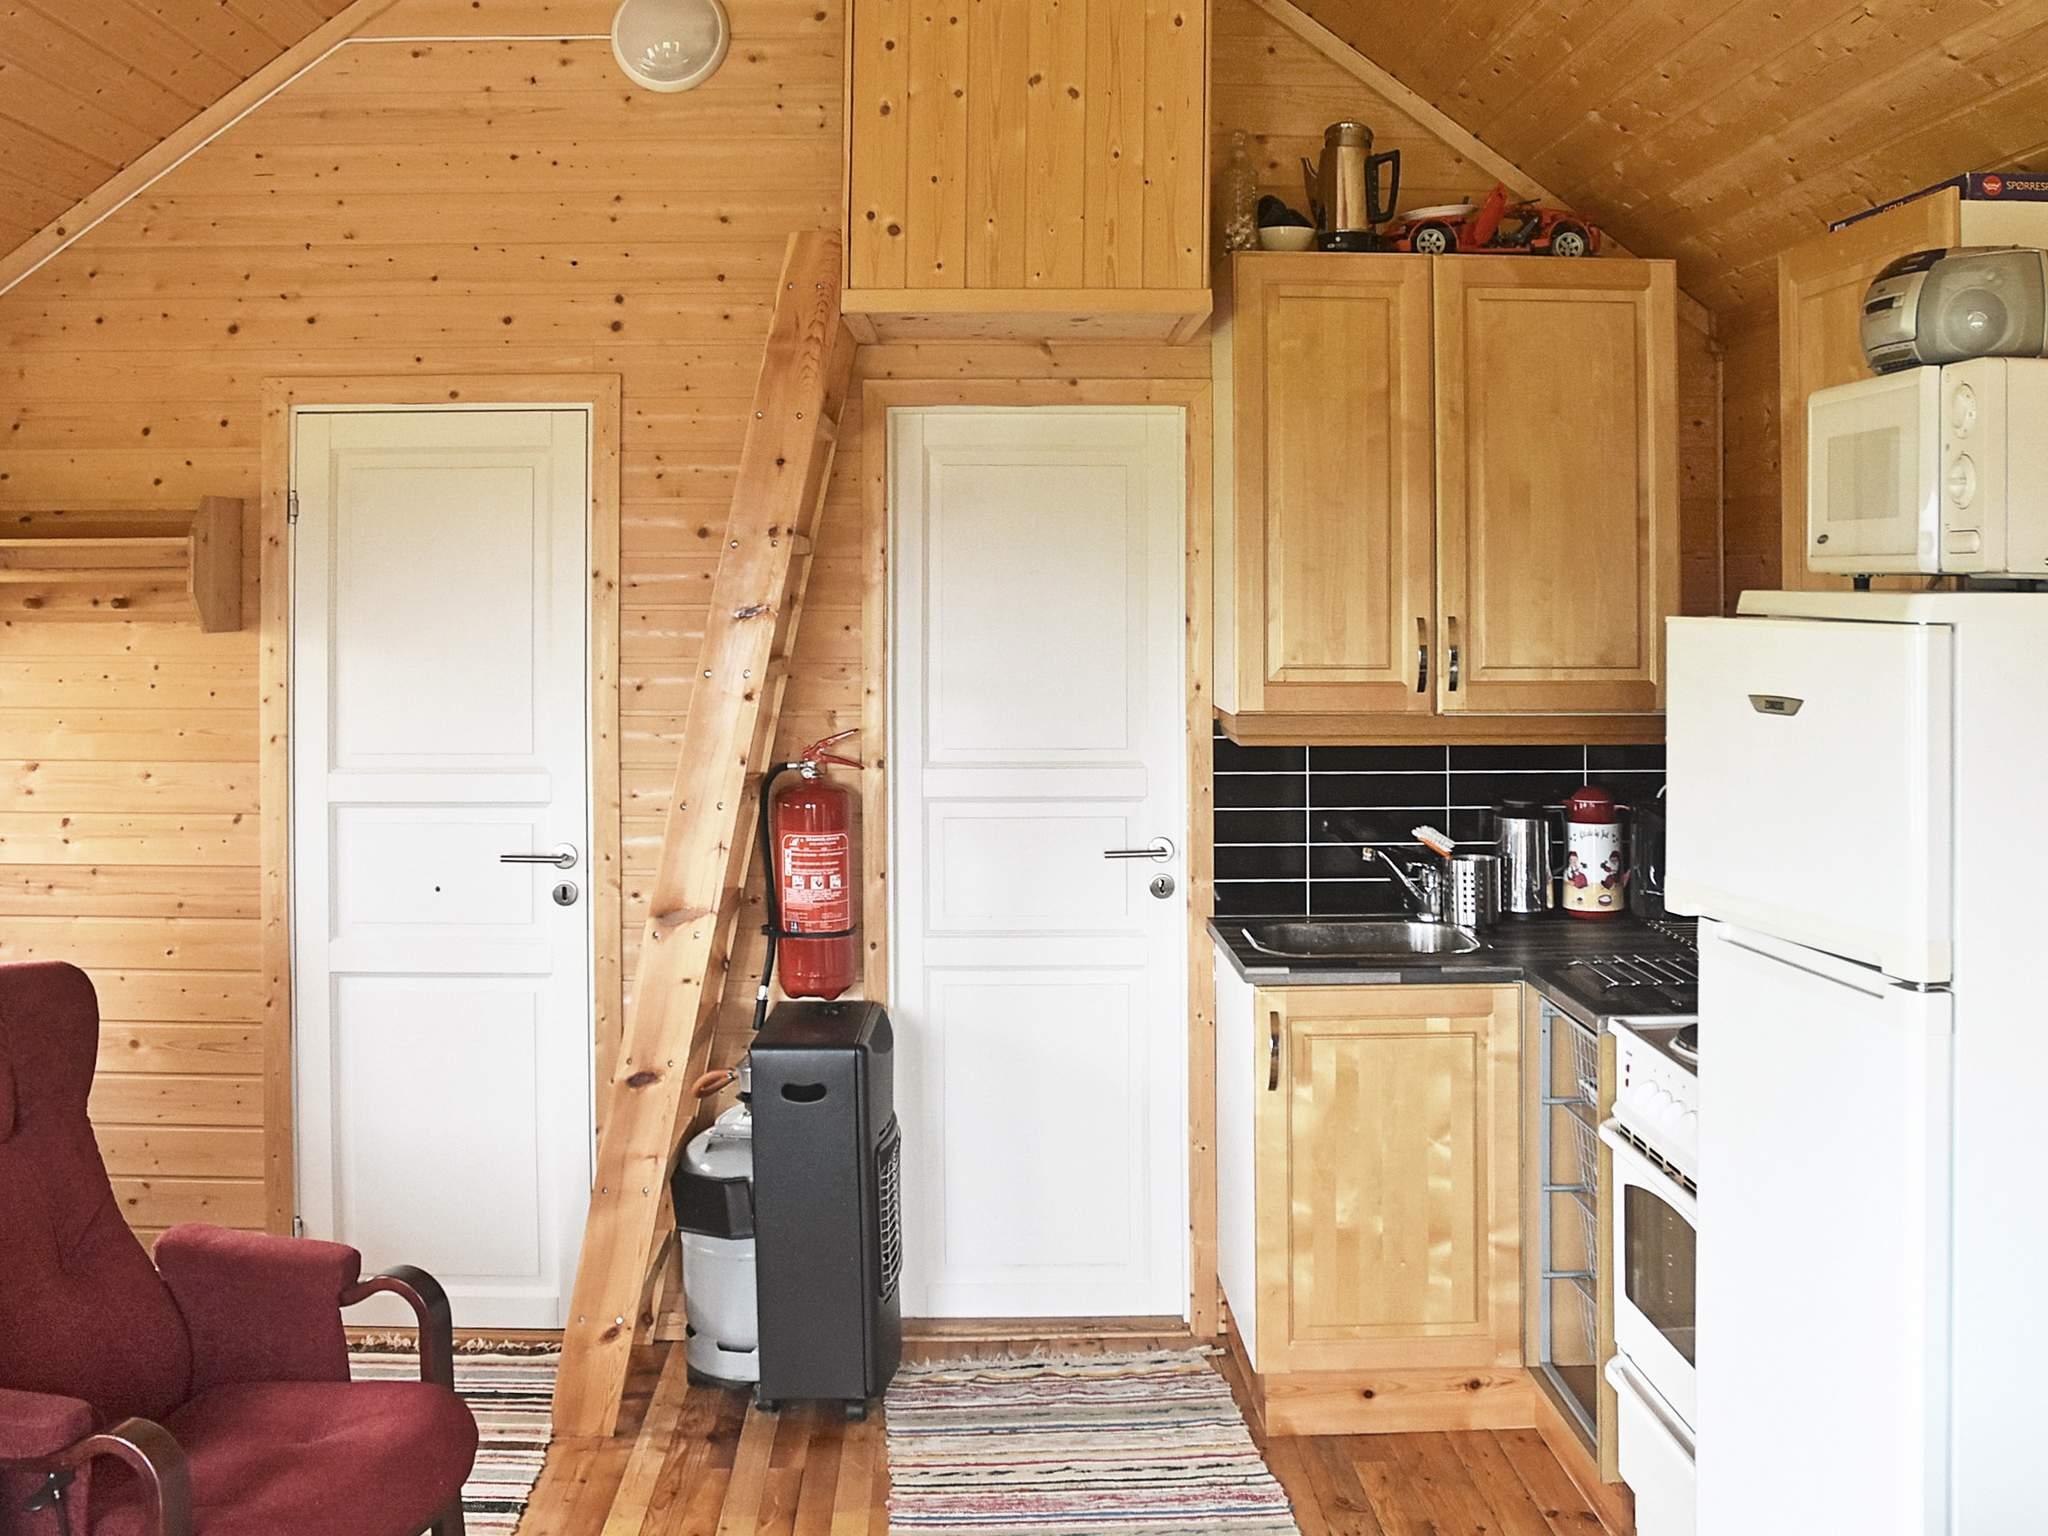 Ferienhaus Tranvikan (1702722), Fillan, Tröndelag Süd - Trondheimfjord Süd, Mittelnorwegen, Norwegen, Bild 23